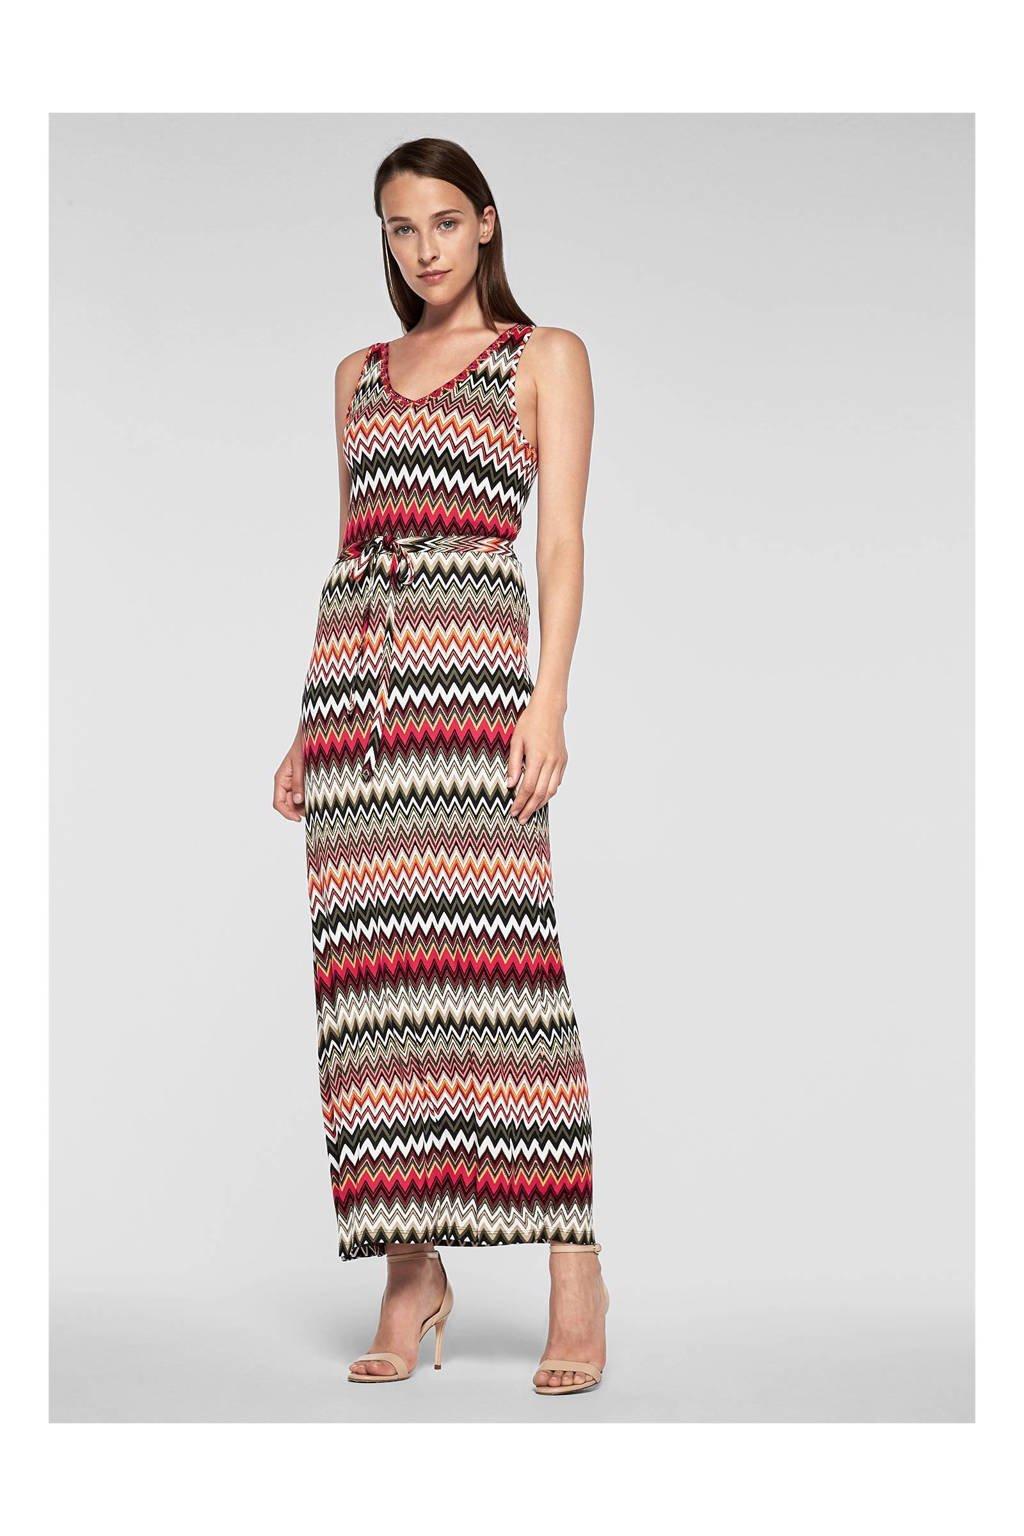 s.Oliver BLACK LABEL maxi jurk met all over print, Wit/Rood/Oranje/Groen